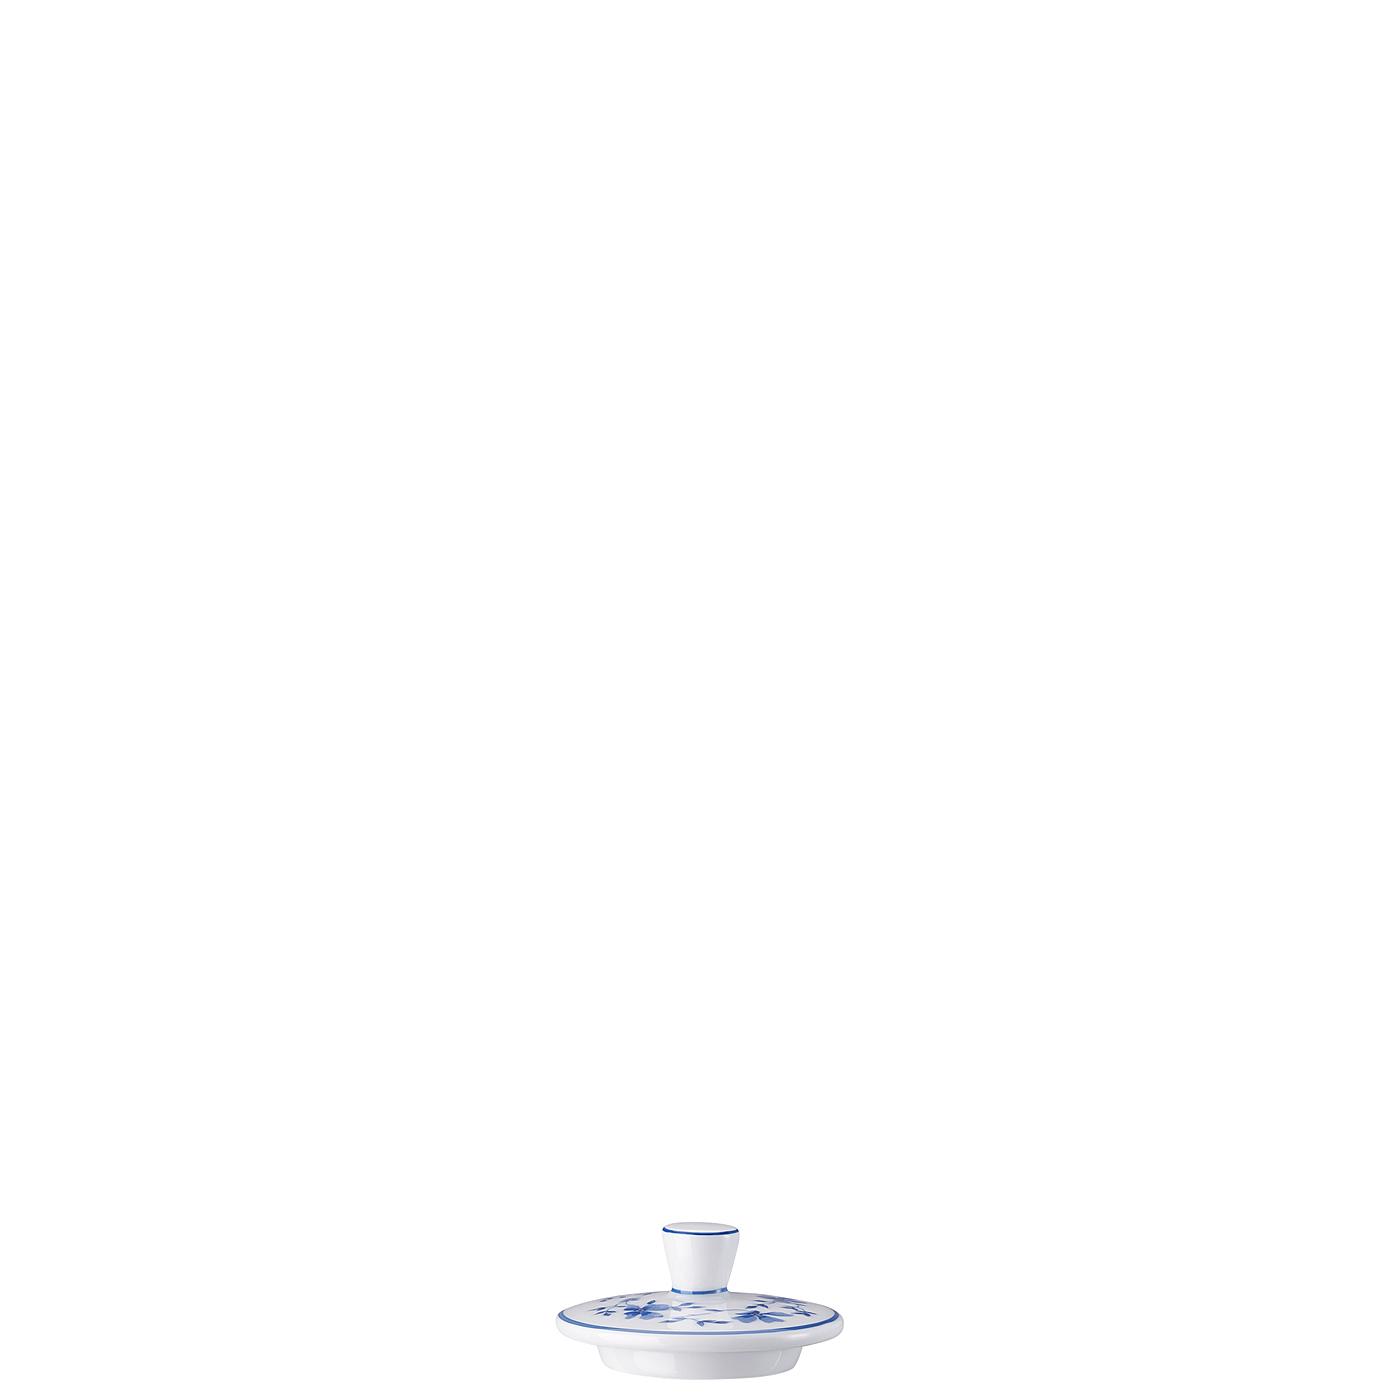 Zuckerdose 6 P. Deckel Form 1382 Blaublüten Arzberg